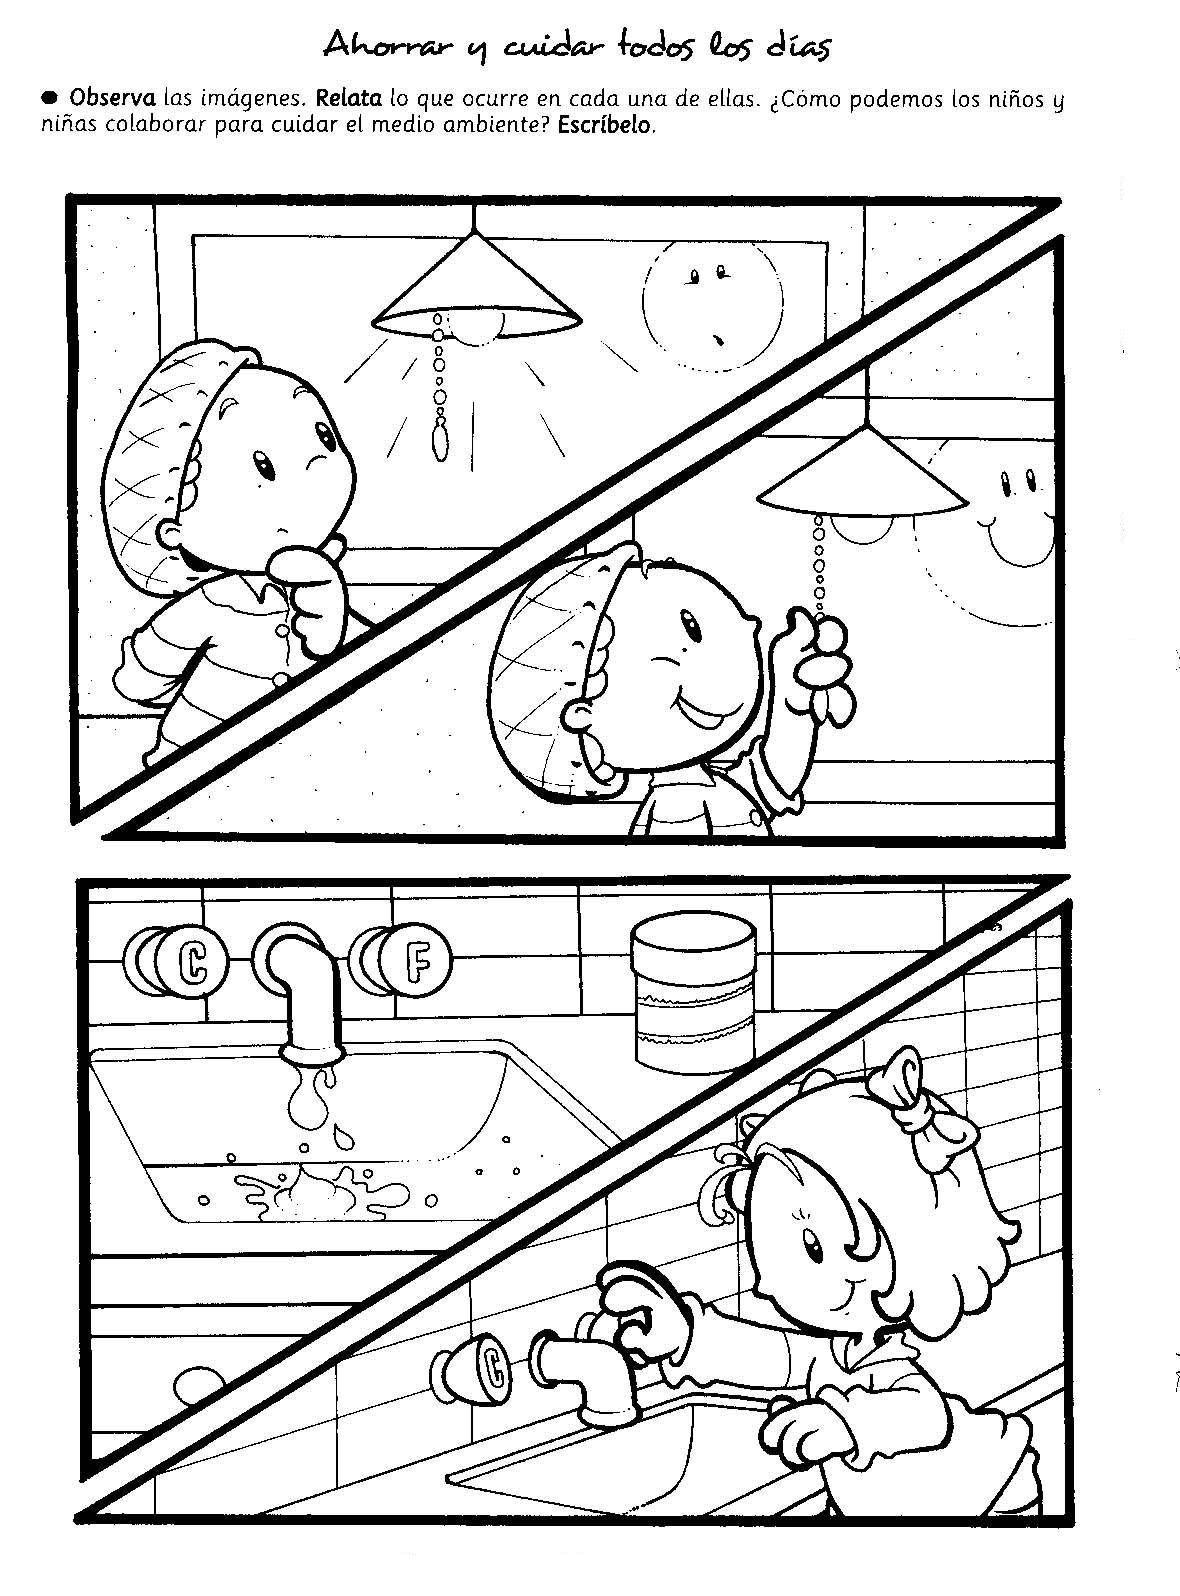 pasos-para-escolares-para-el-ahorro-del-agua.jpg